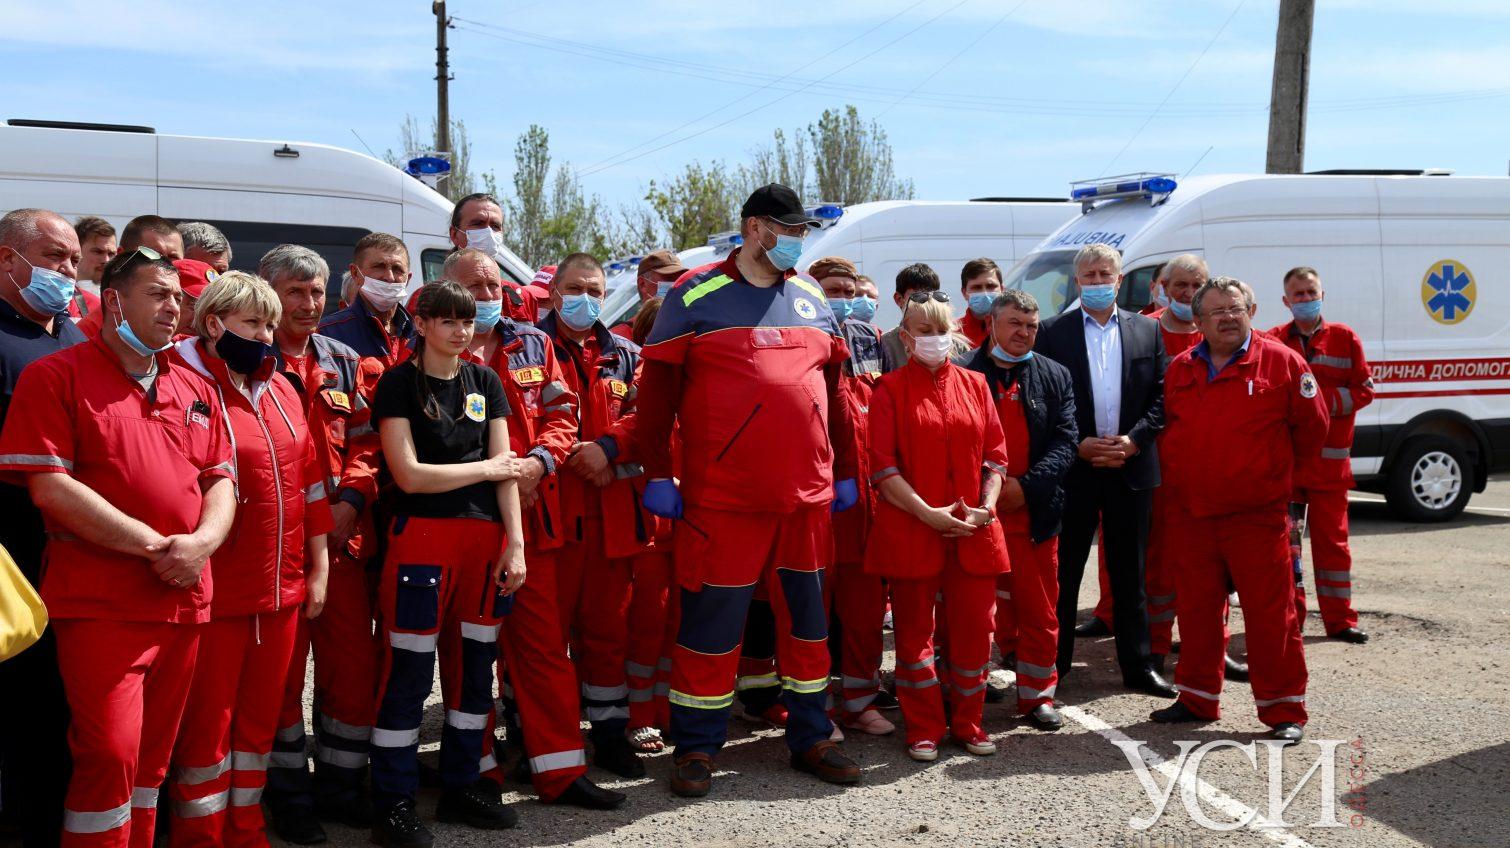 Одесская область лишится центра экстренной медпомощи детям – службу присоединят к областной скорой «фото»